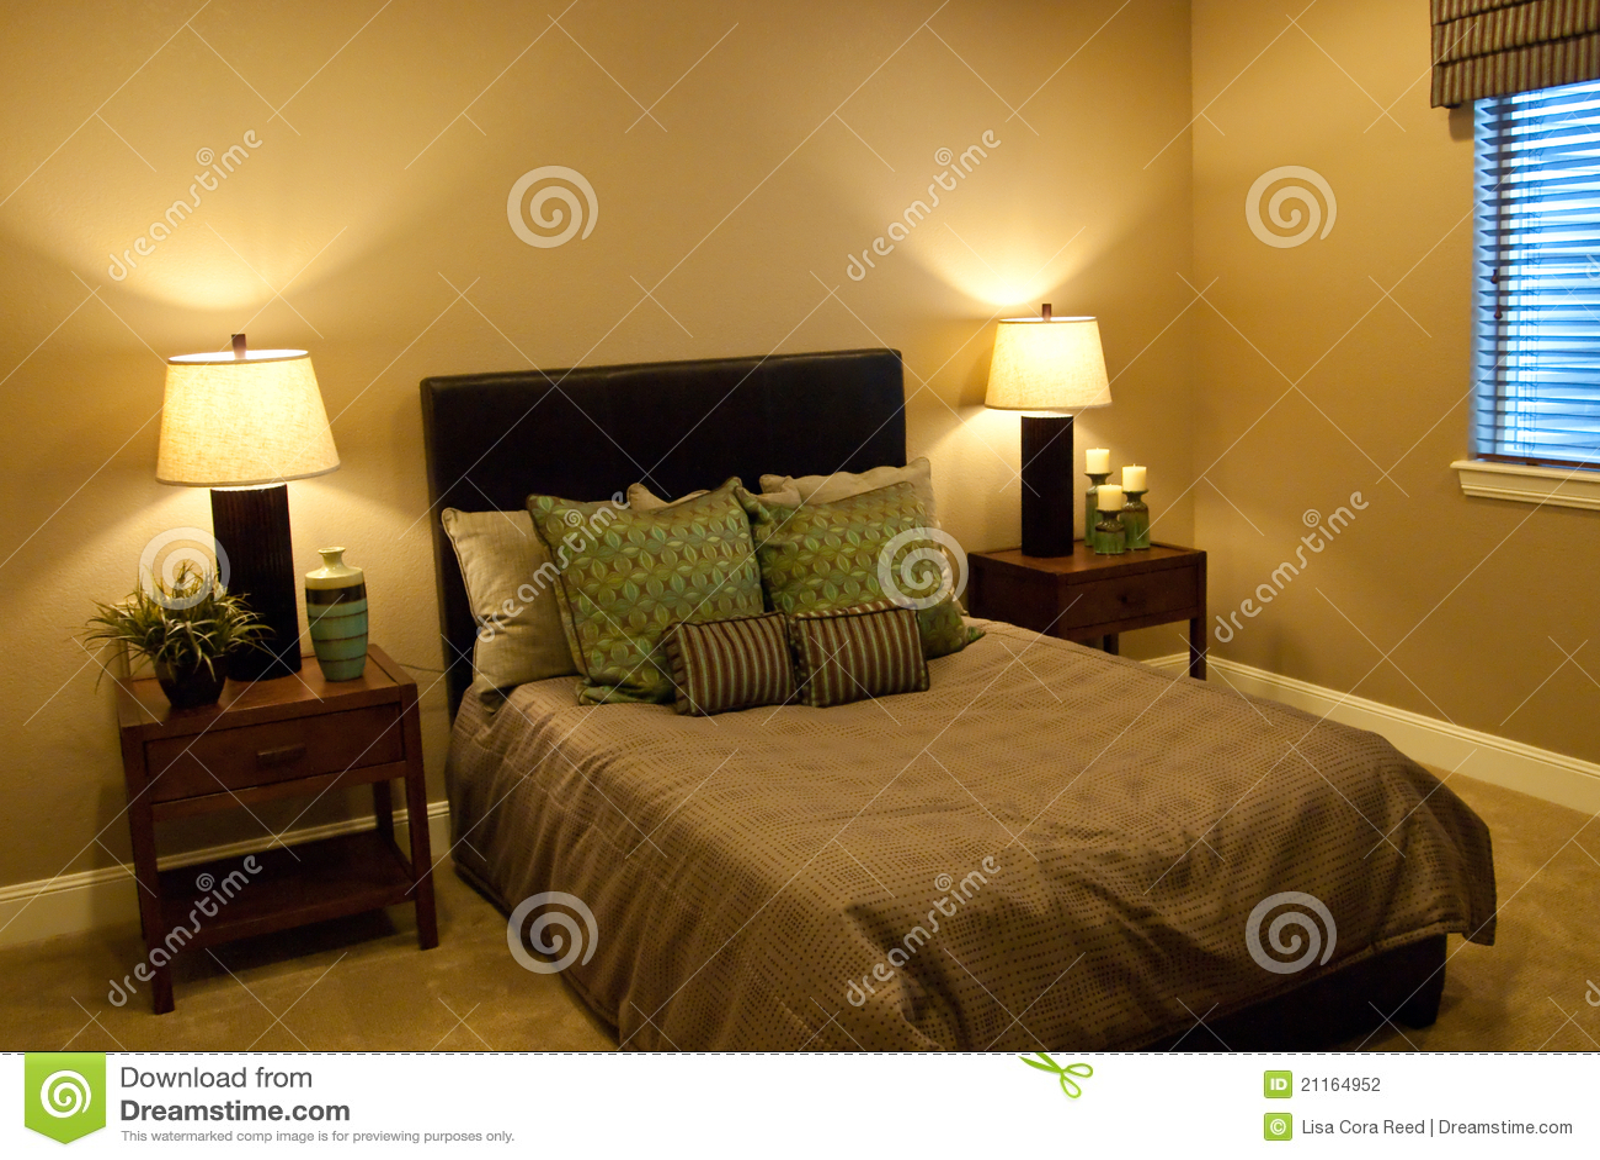 Atlas chambre a coucher natura for Chambre a coucher usico